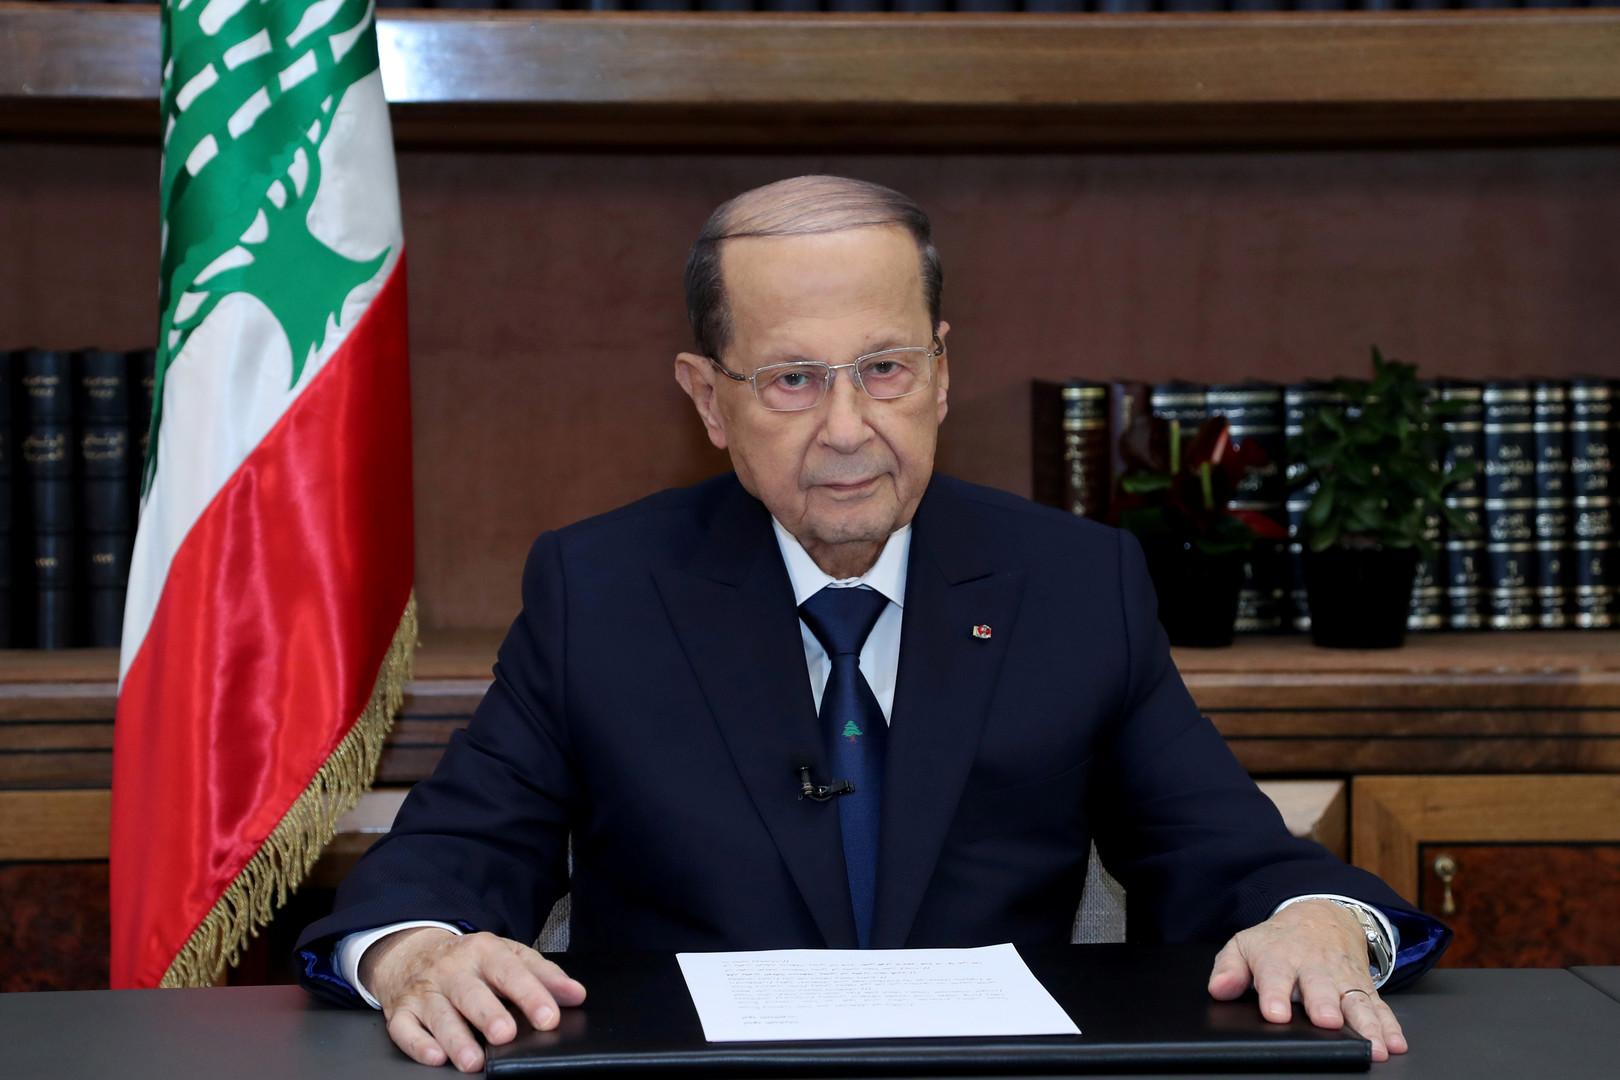 الرئيس اللبناني: علينا العودة لحمل شعار فلسطين لإنقاذها من صفقة القرن